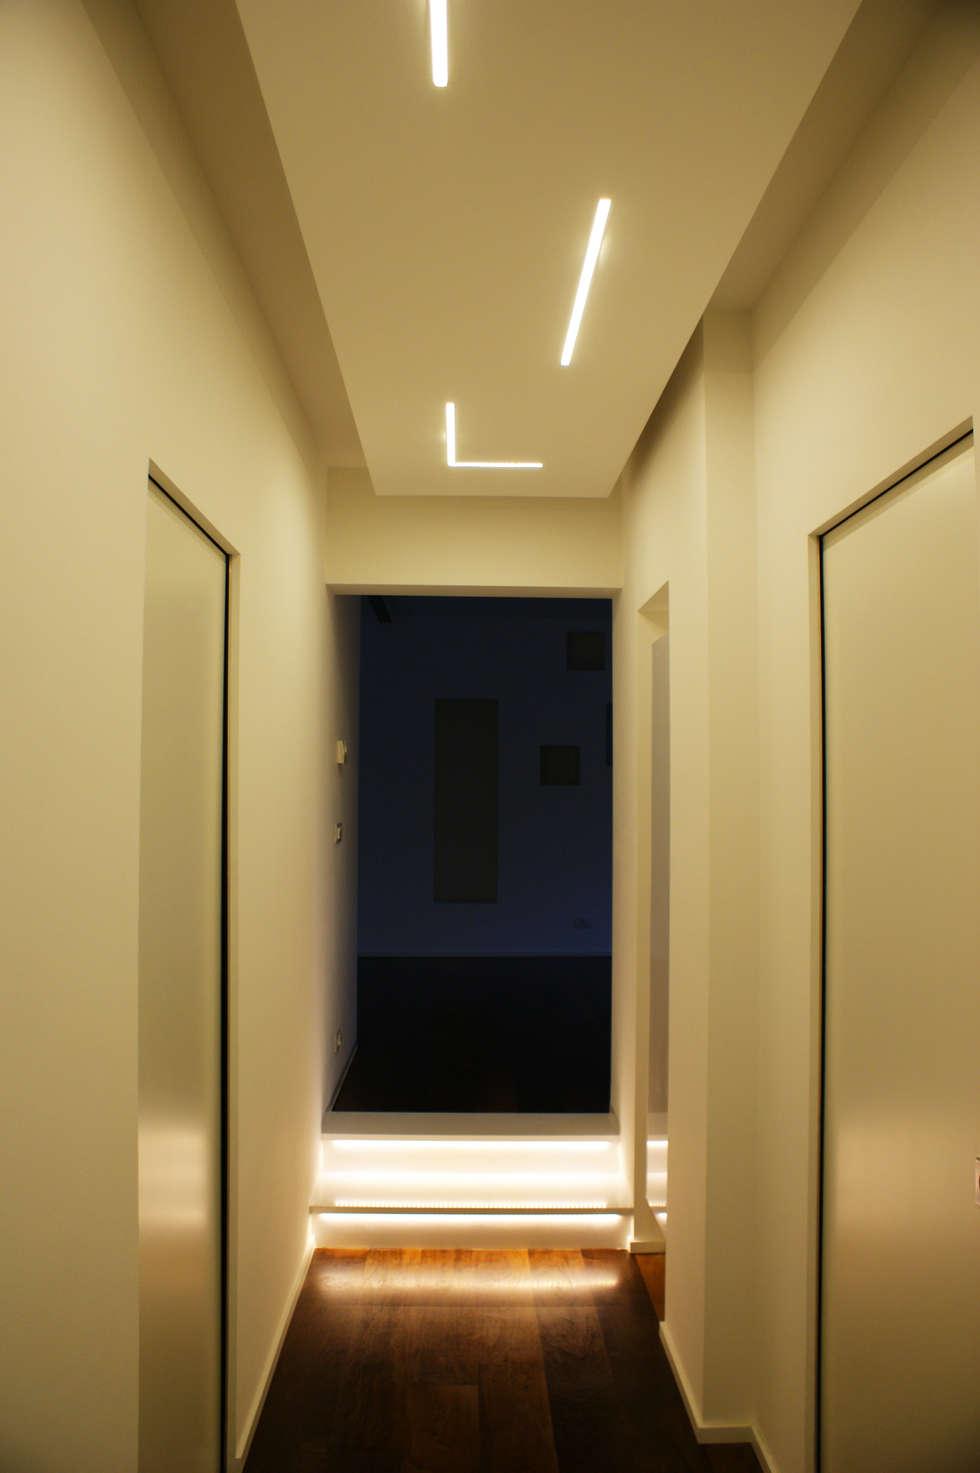 Corridoio_2: Ingresso & Corridoio in stile  di Arch. Tommaso Rossi